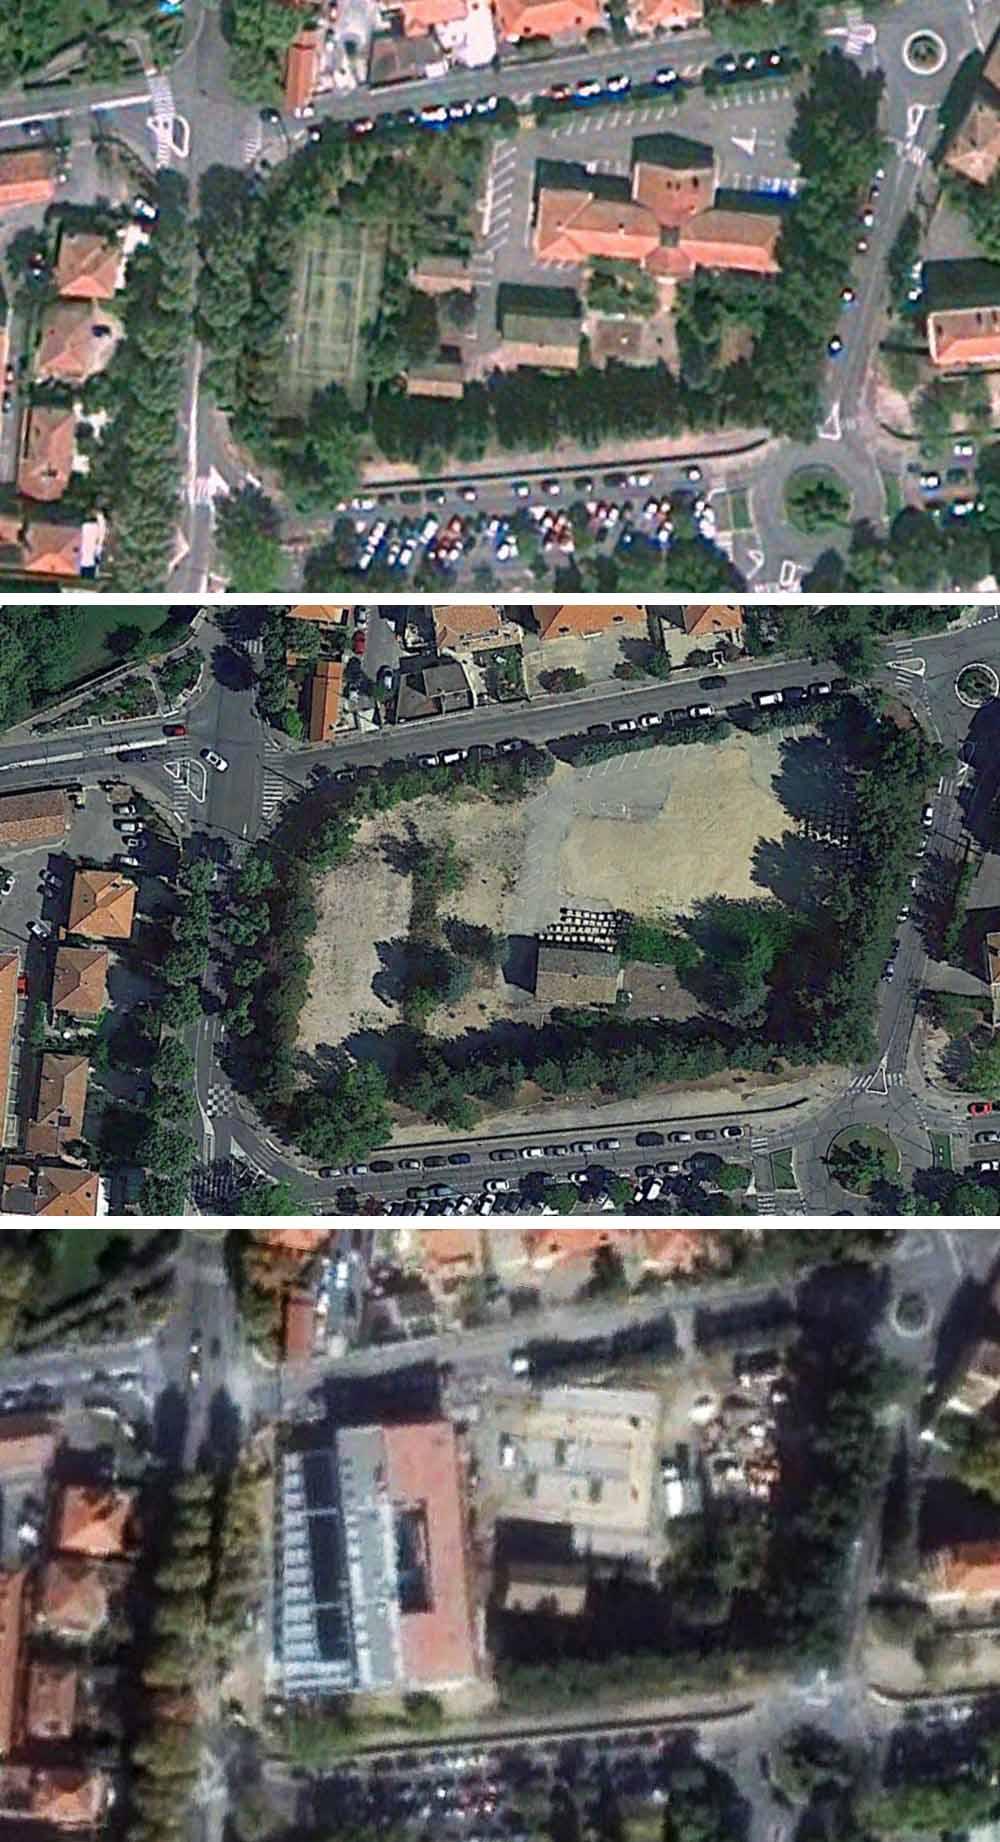 L'évolution des lieux de 2010 à 2015 - Photo : © Google Earth